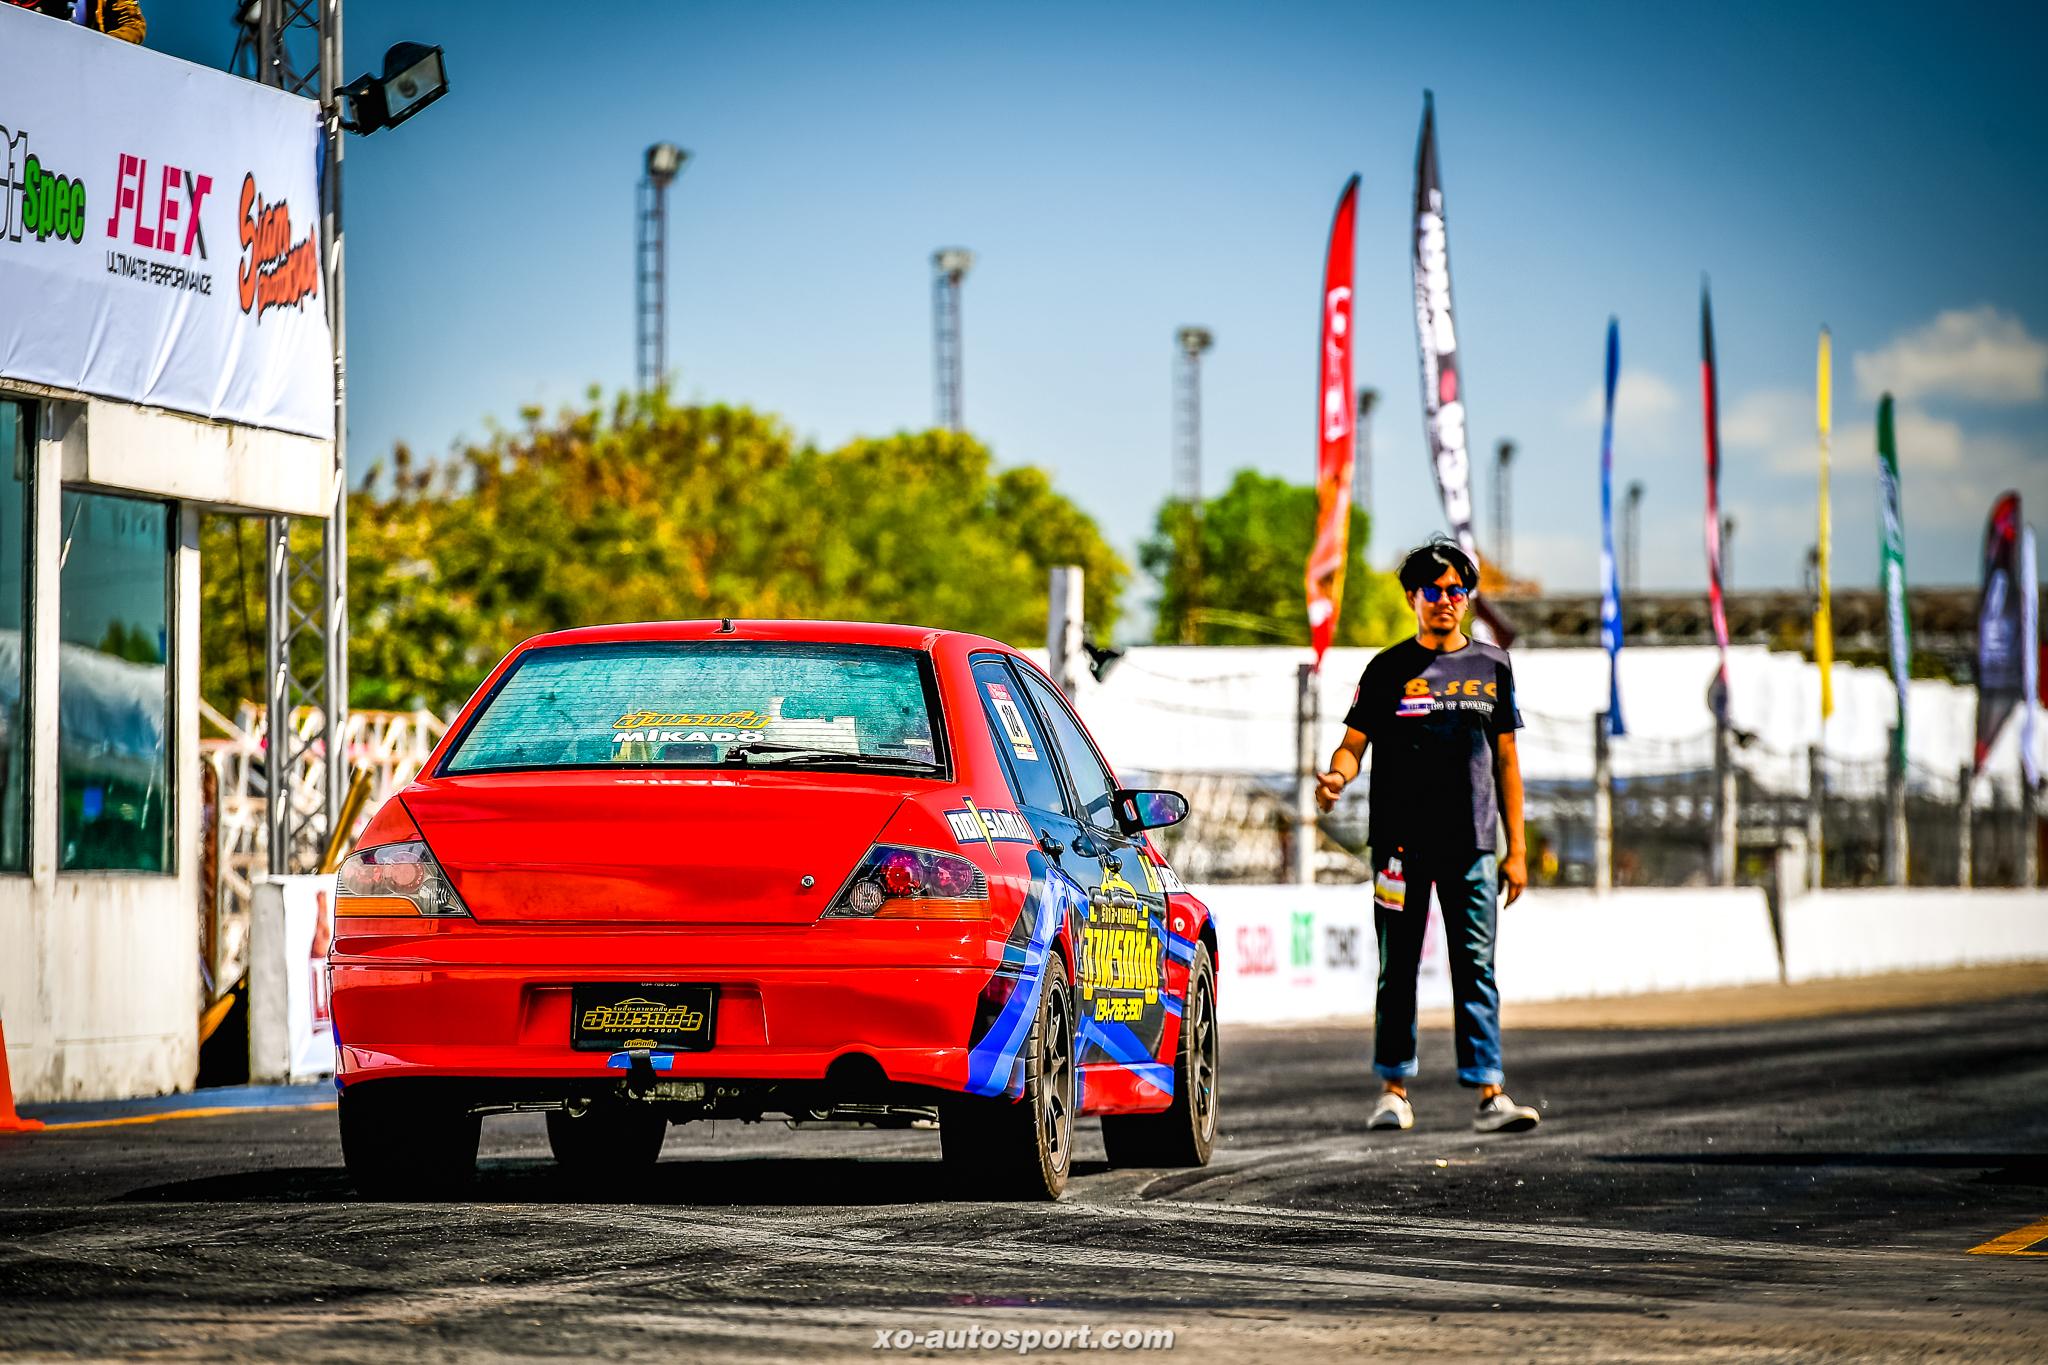 Super 4 4WD Champion 03